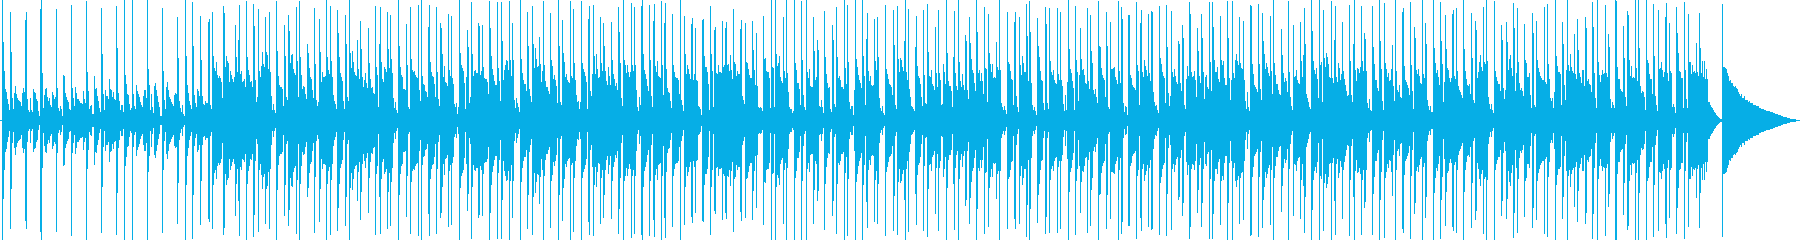 キラキラした鉄琴とギターのノリのいい曲の再生済みの波形